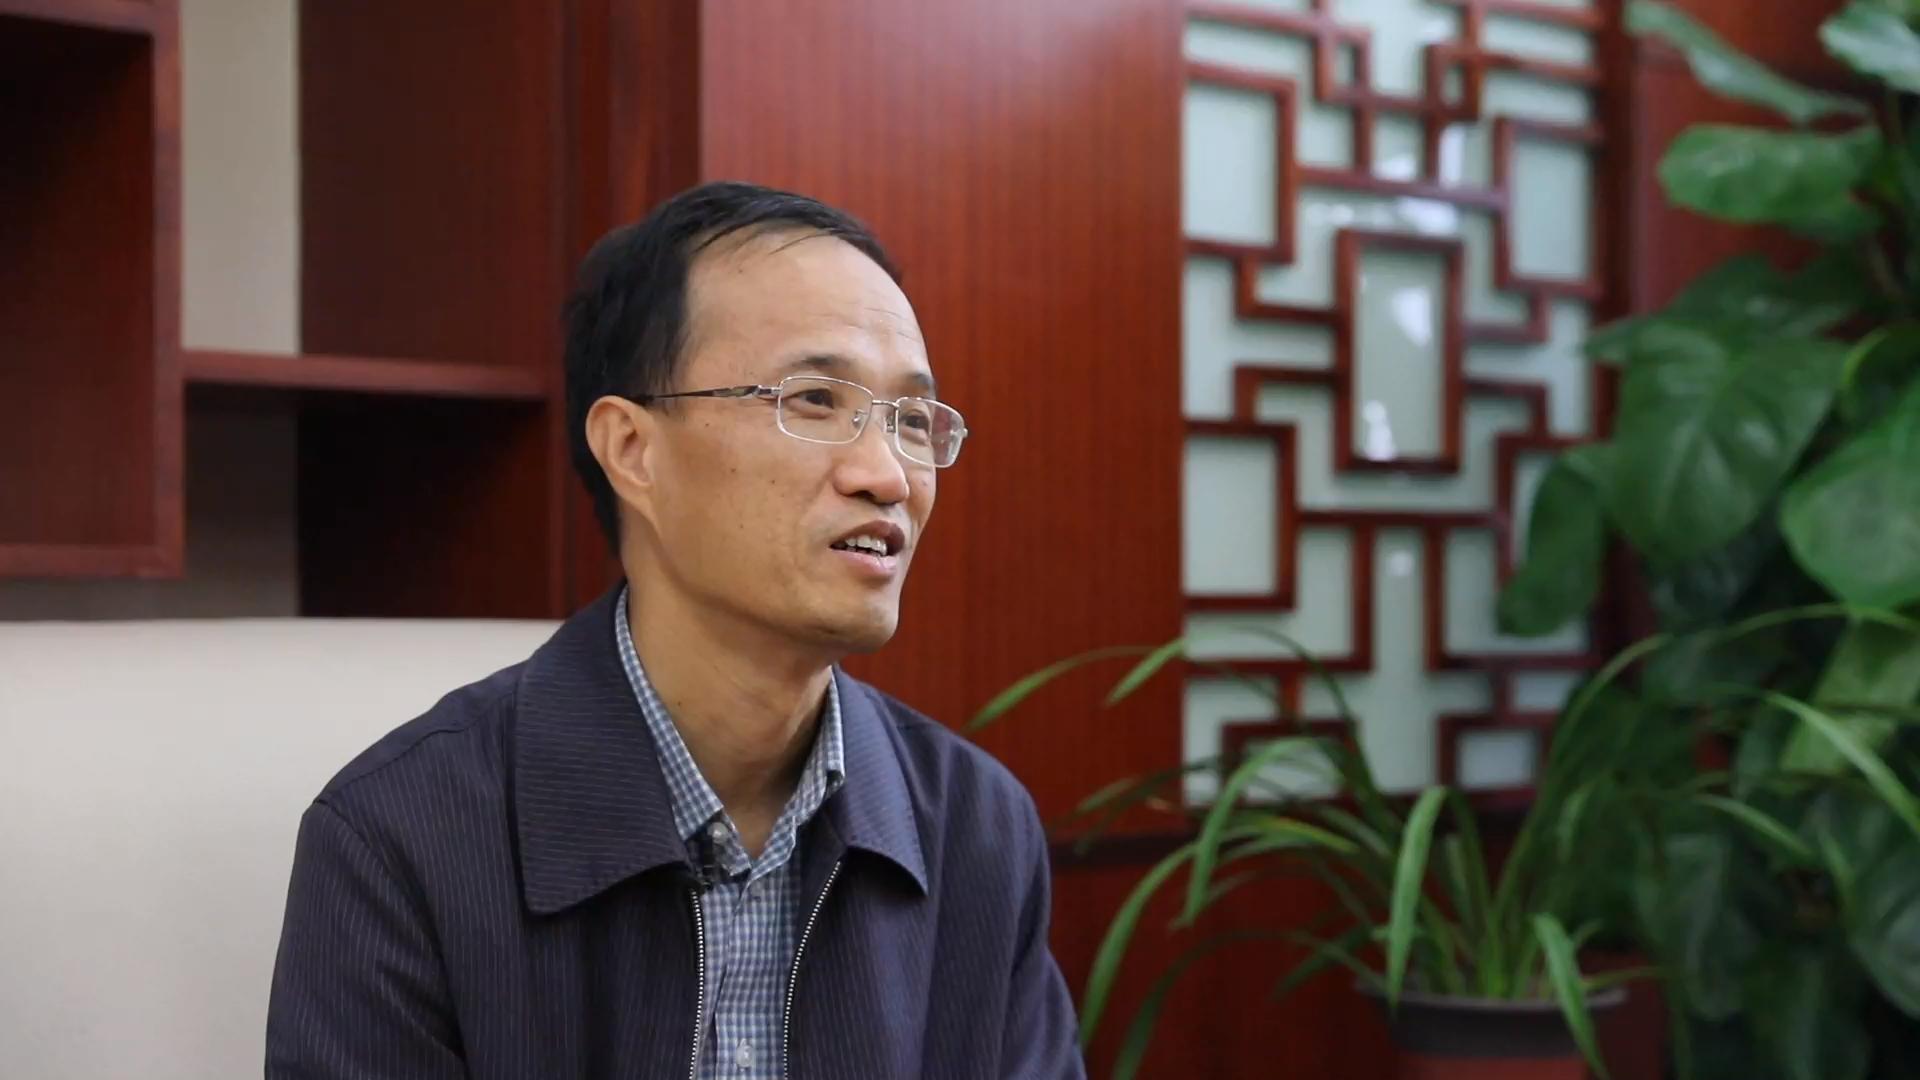 广东疾控中心首席专家何剑峰:核酸检验是目前最准确的方法